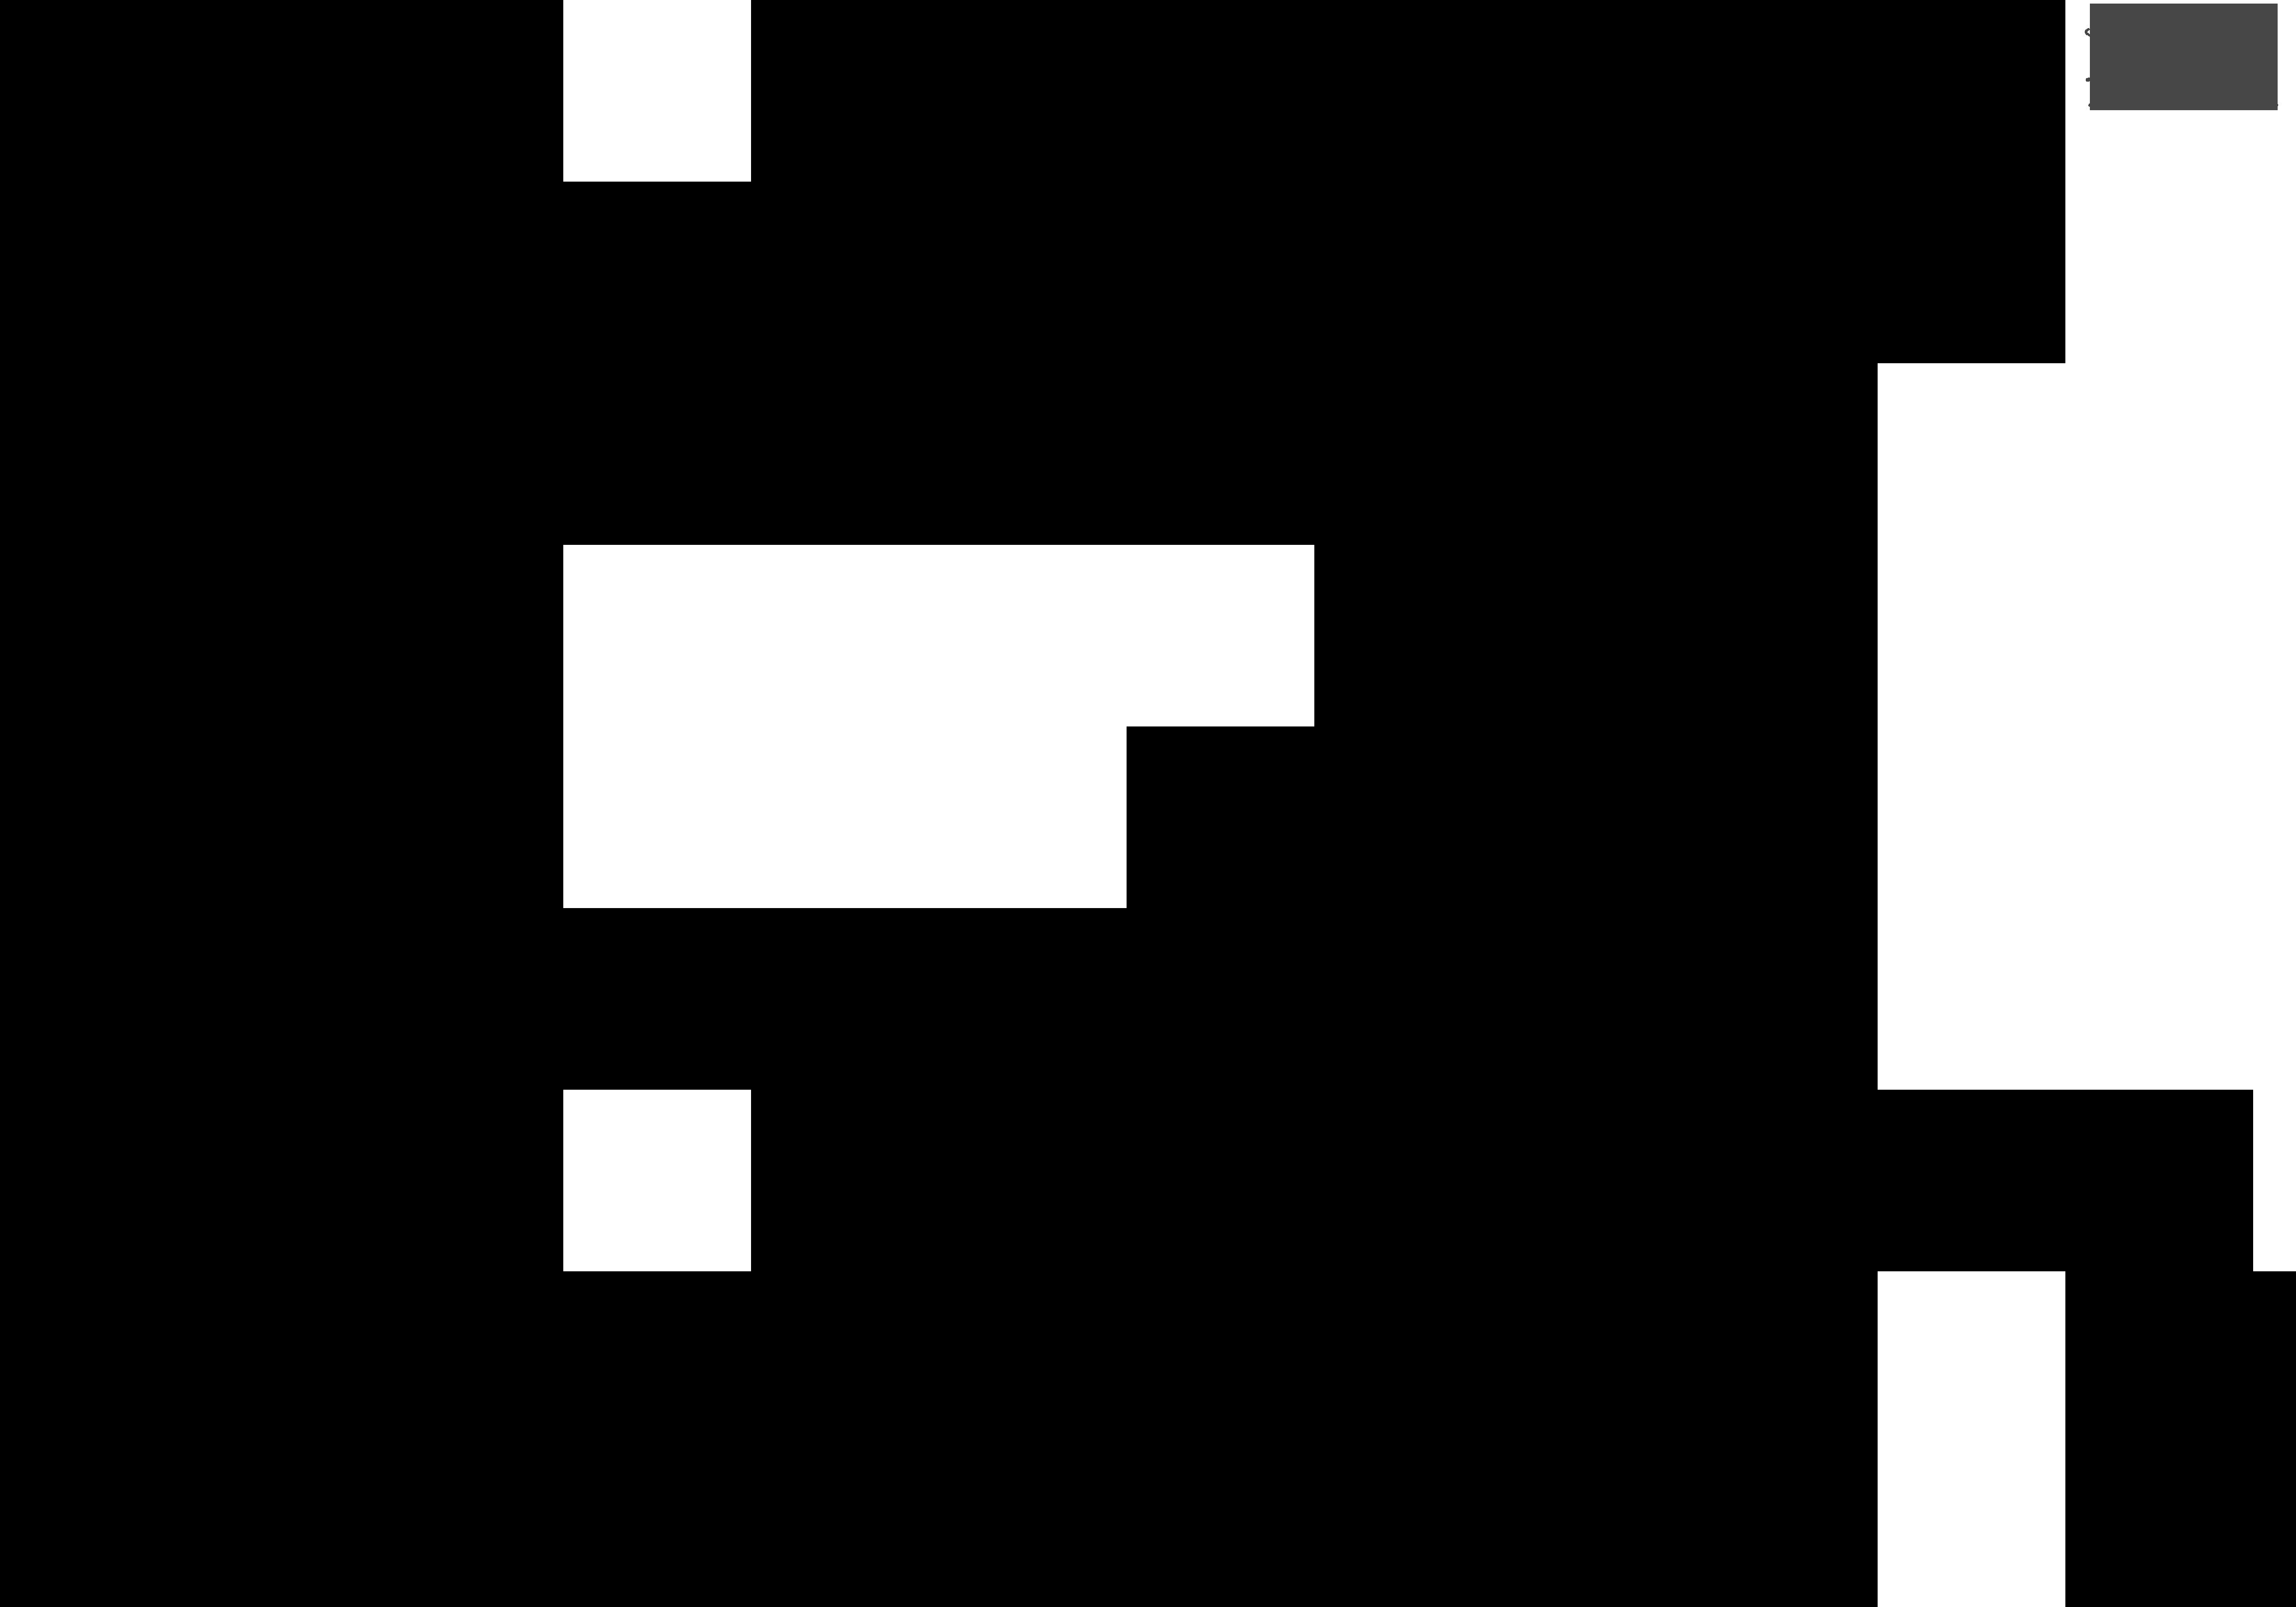 Kuroko No Basket Lineart : Kuroko no basuke aomine daiki by stazdblood on deviantart